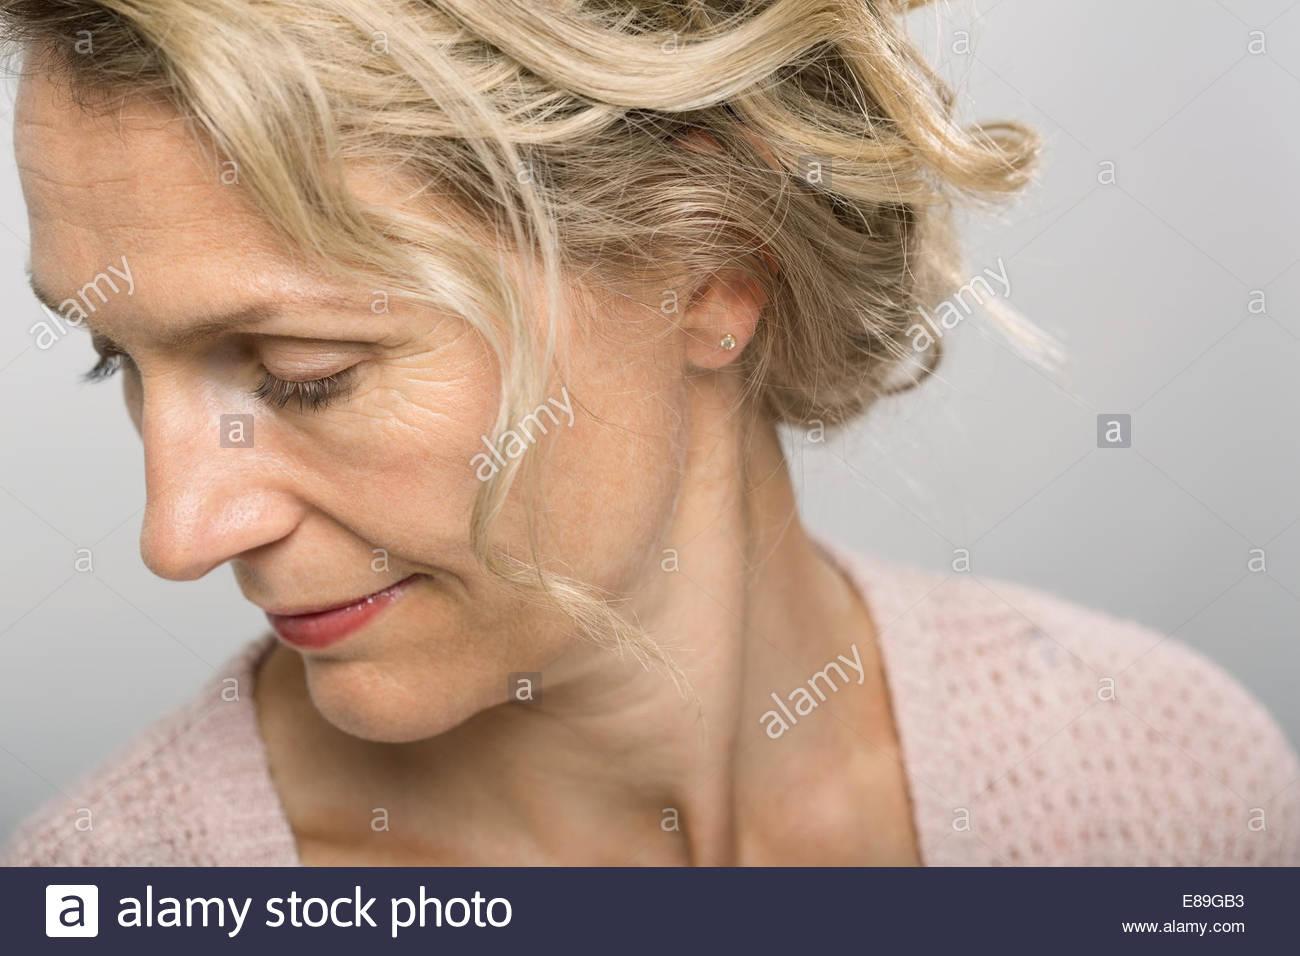 Nahaufnahme von blonde Frau auf der Suche nach unten Stockbild